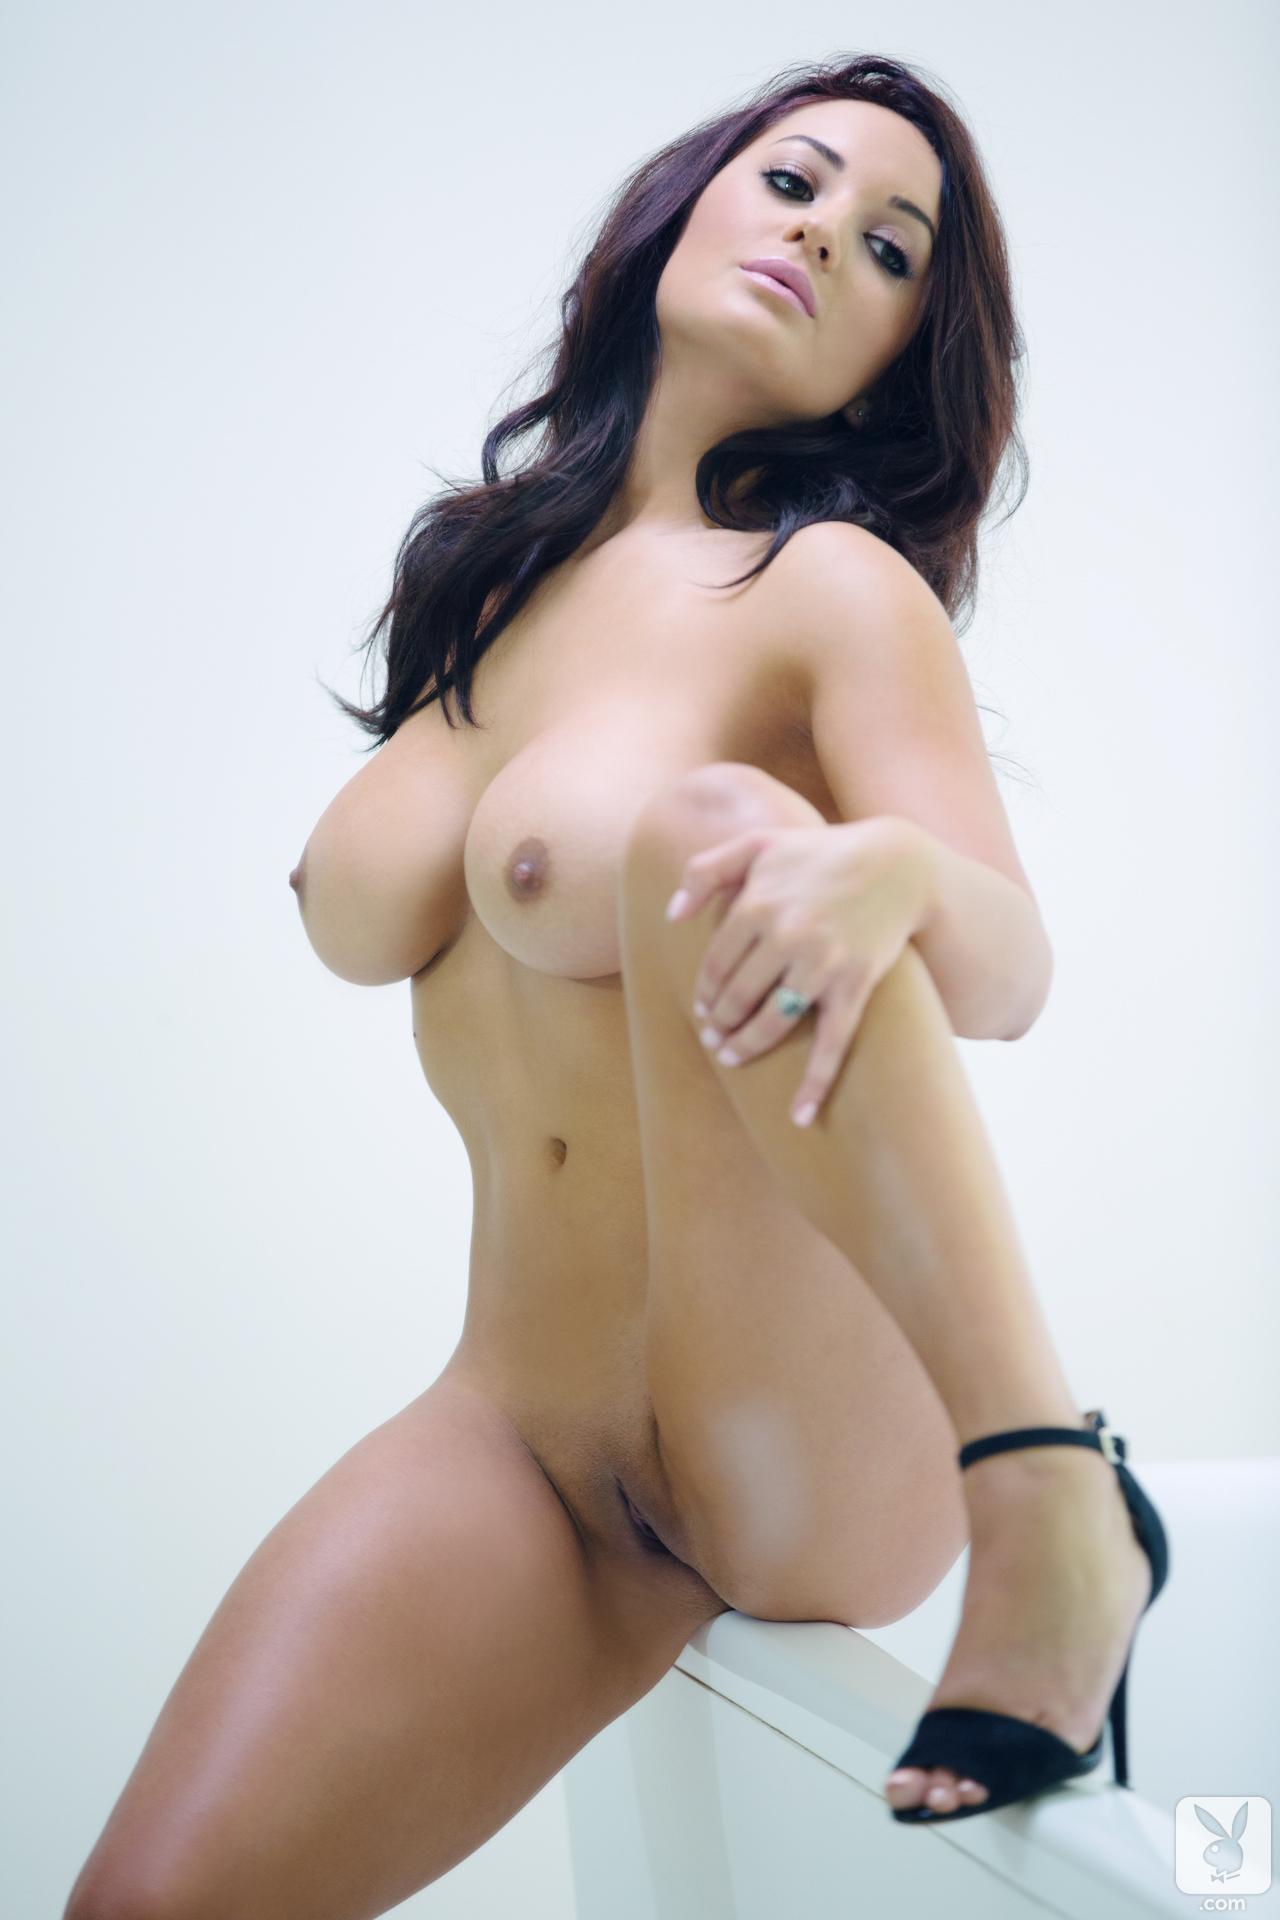 Femme nue montrant sa vulve